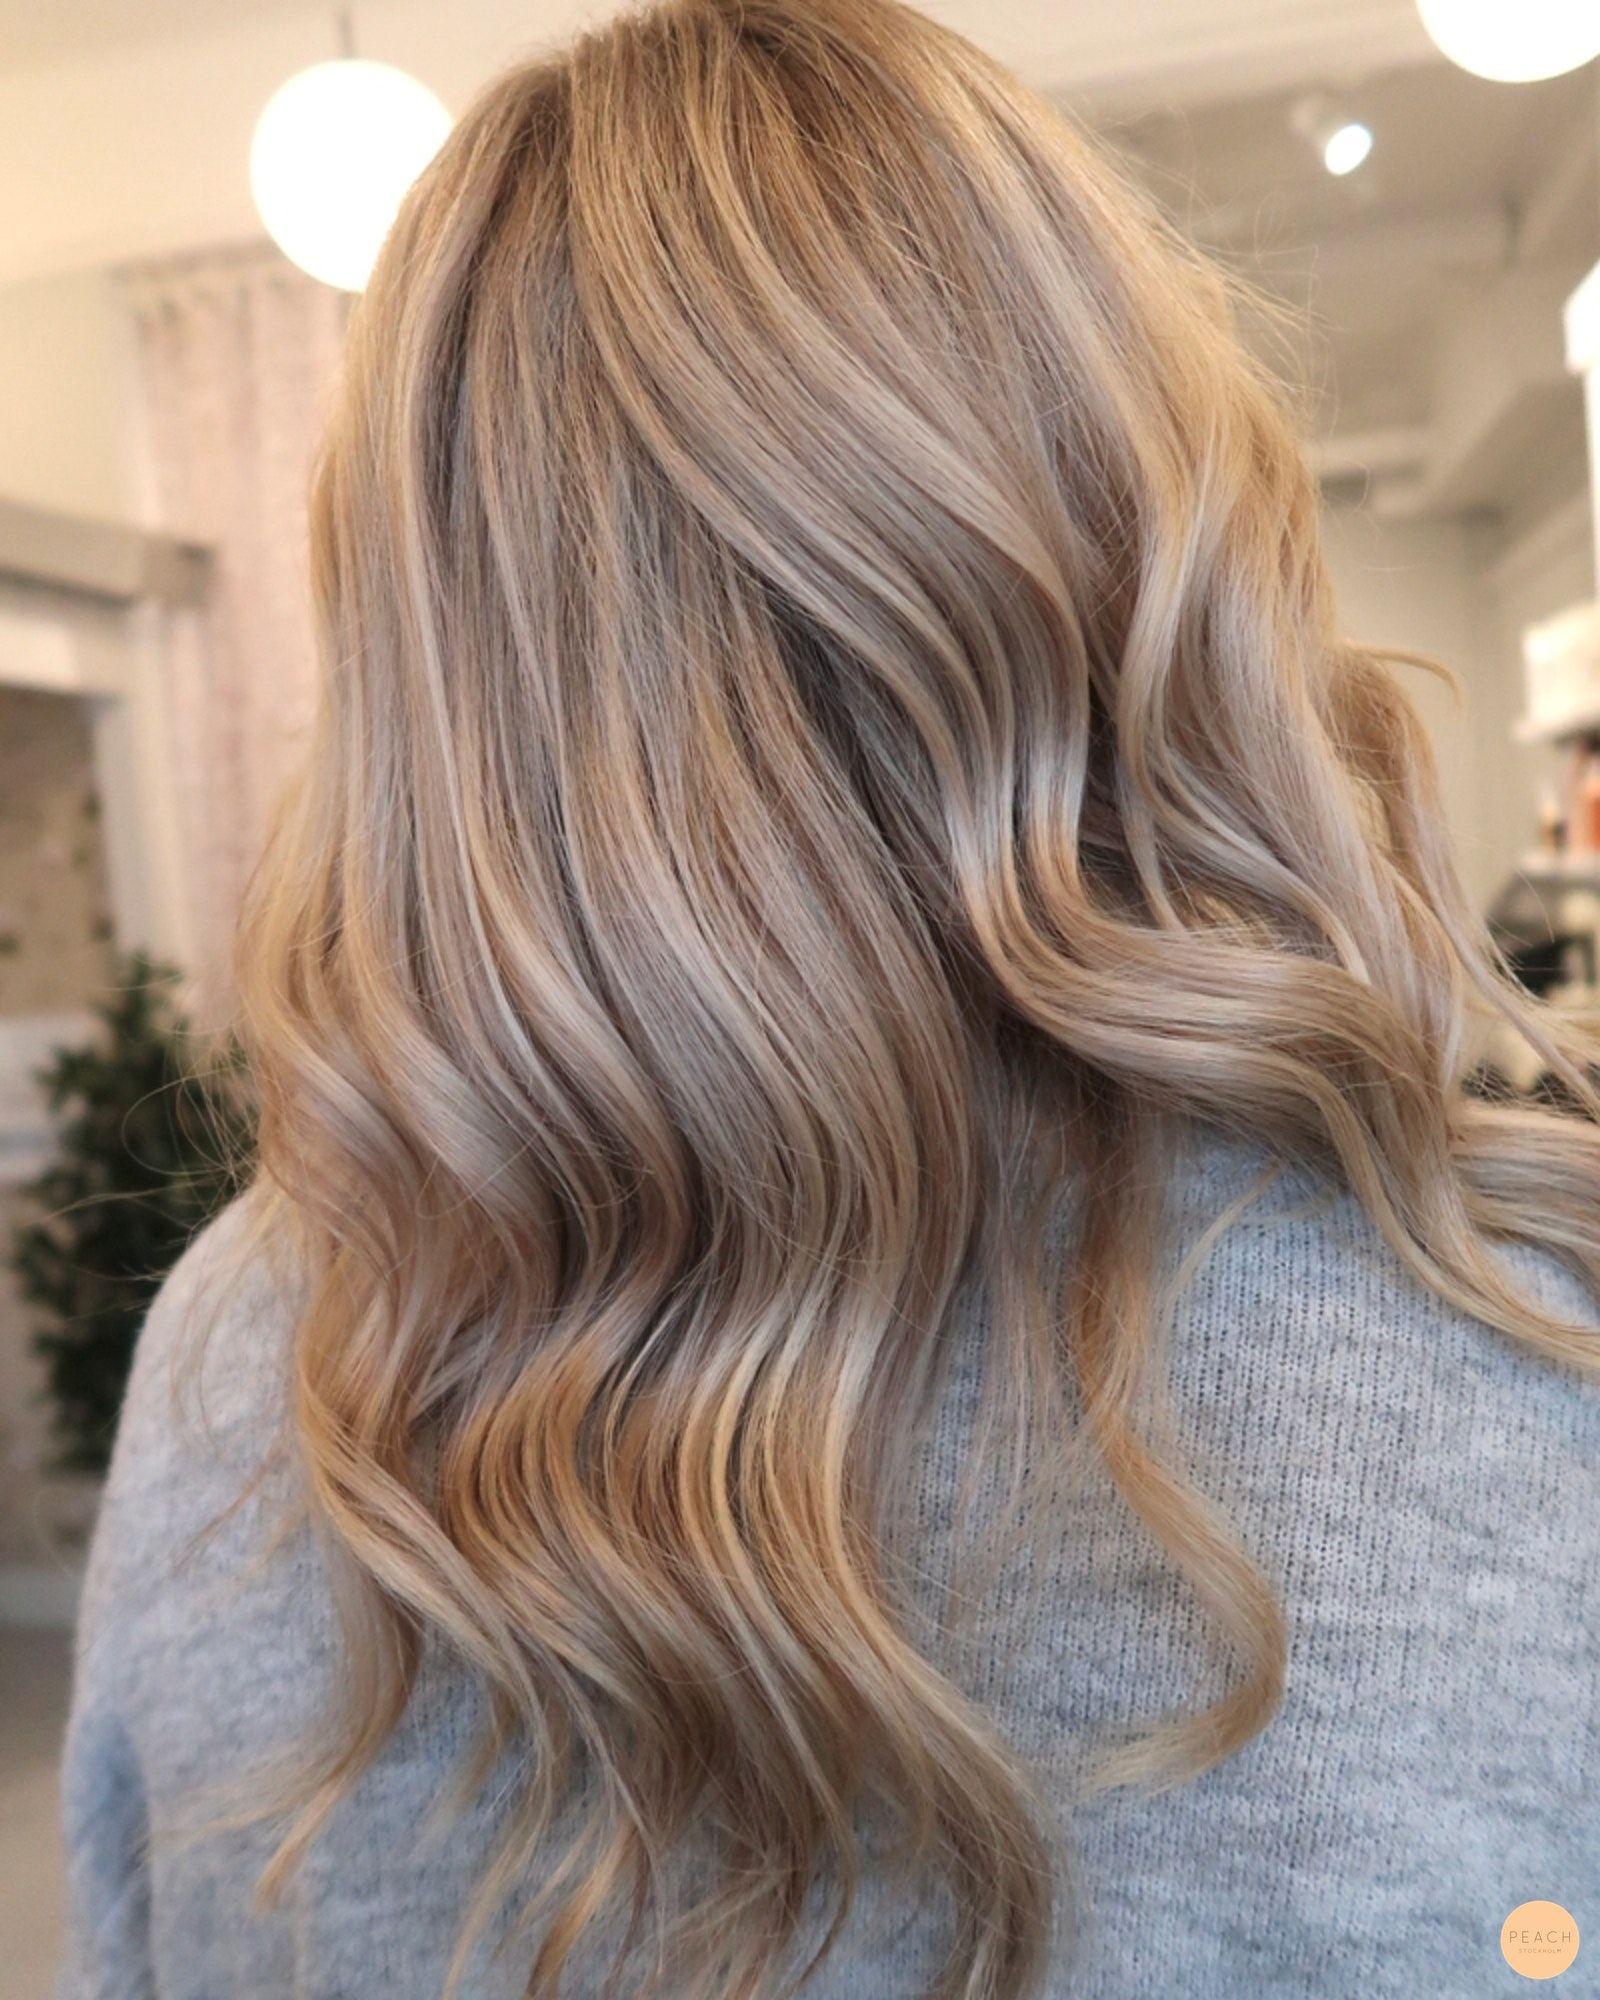 Naturlig blond med lyxigare hårfärg med slingor i cendré, mörkblond och beigeblond